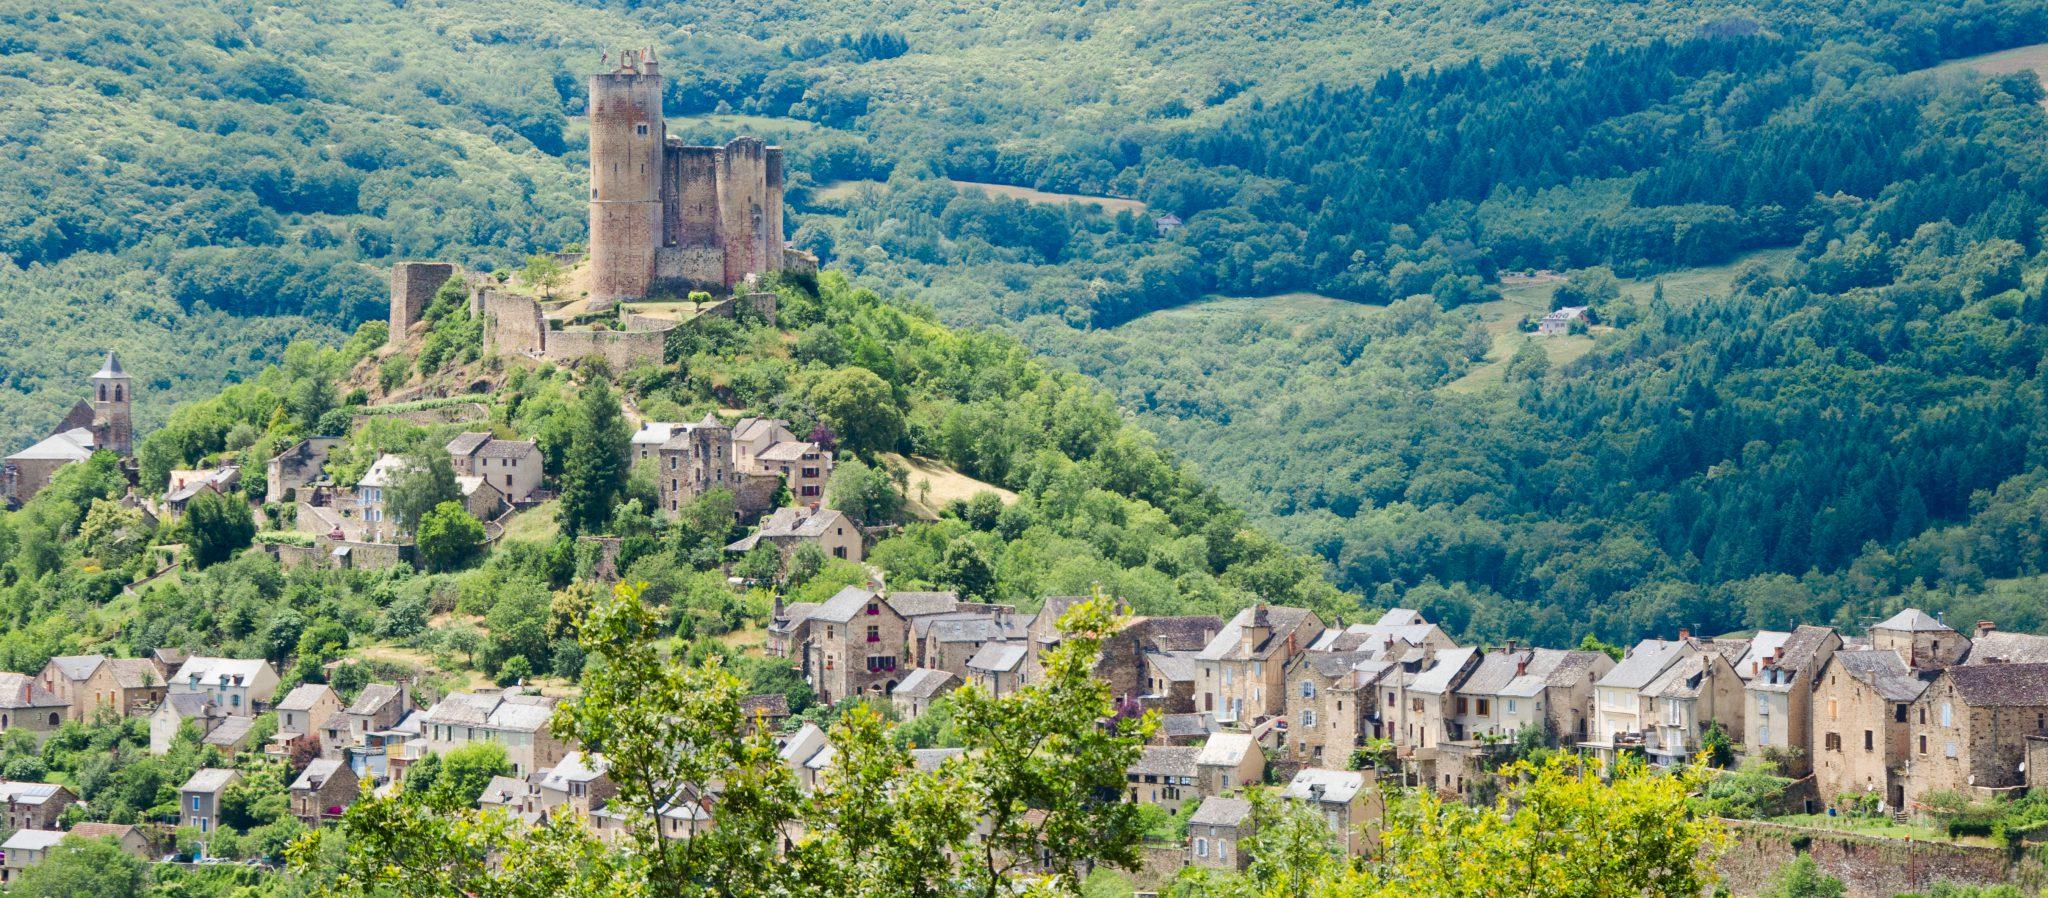 Architecte D Intérieur Aveyron najac, aveyron - vue d'ici